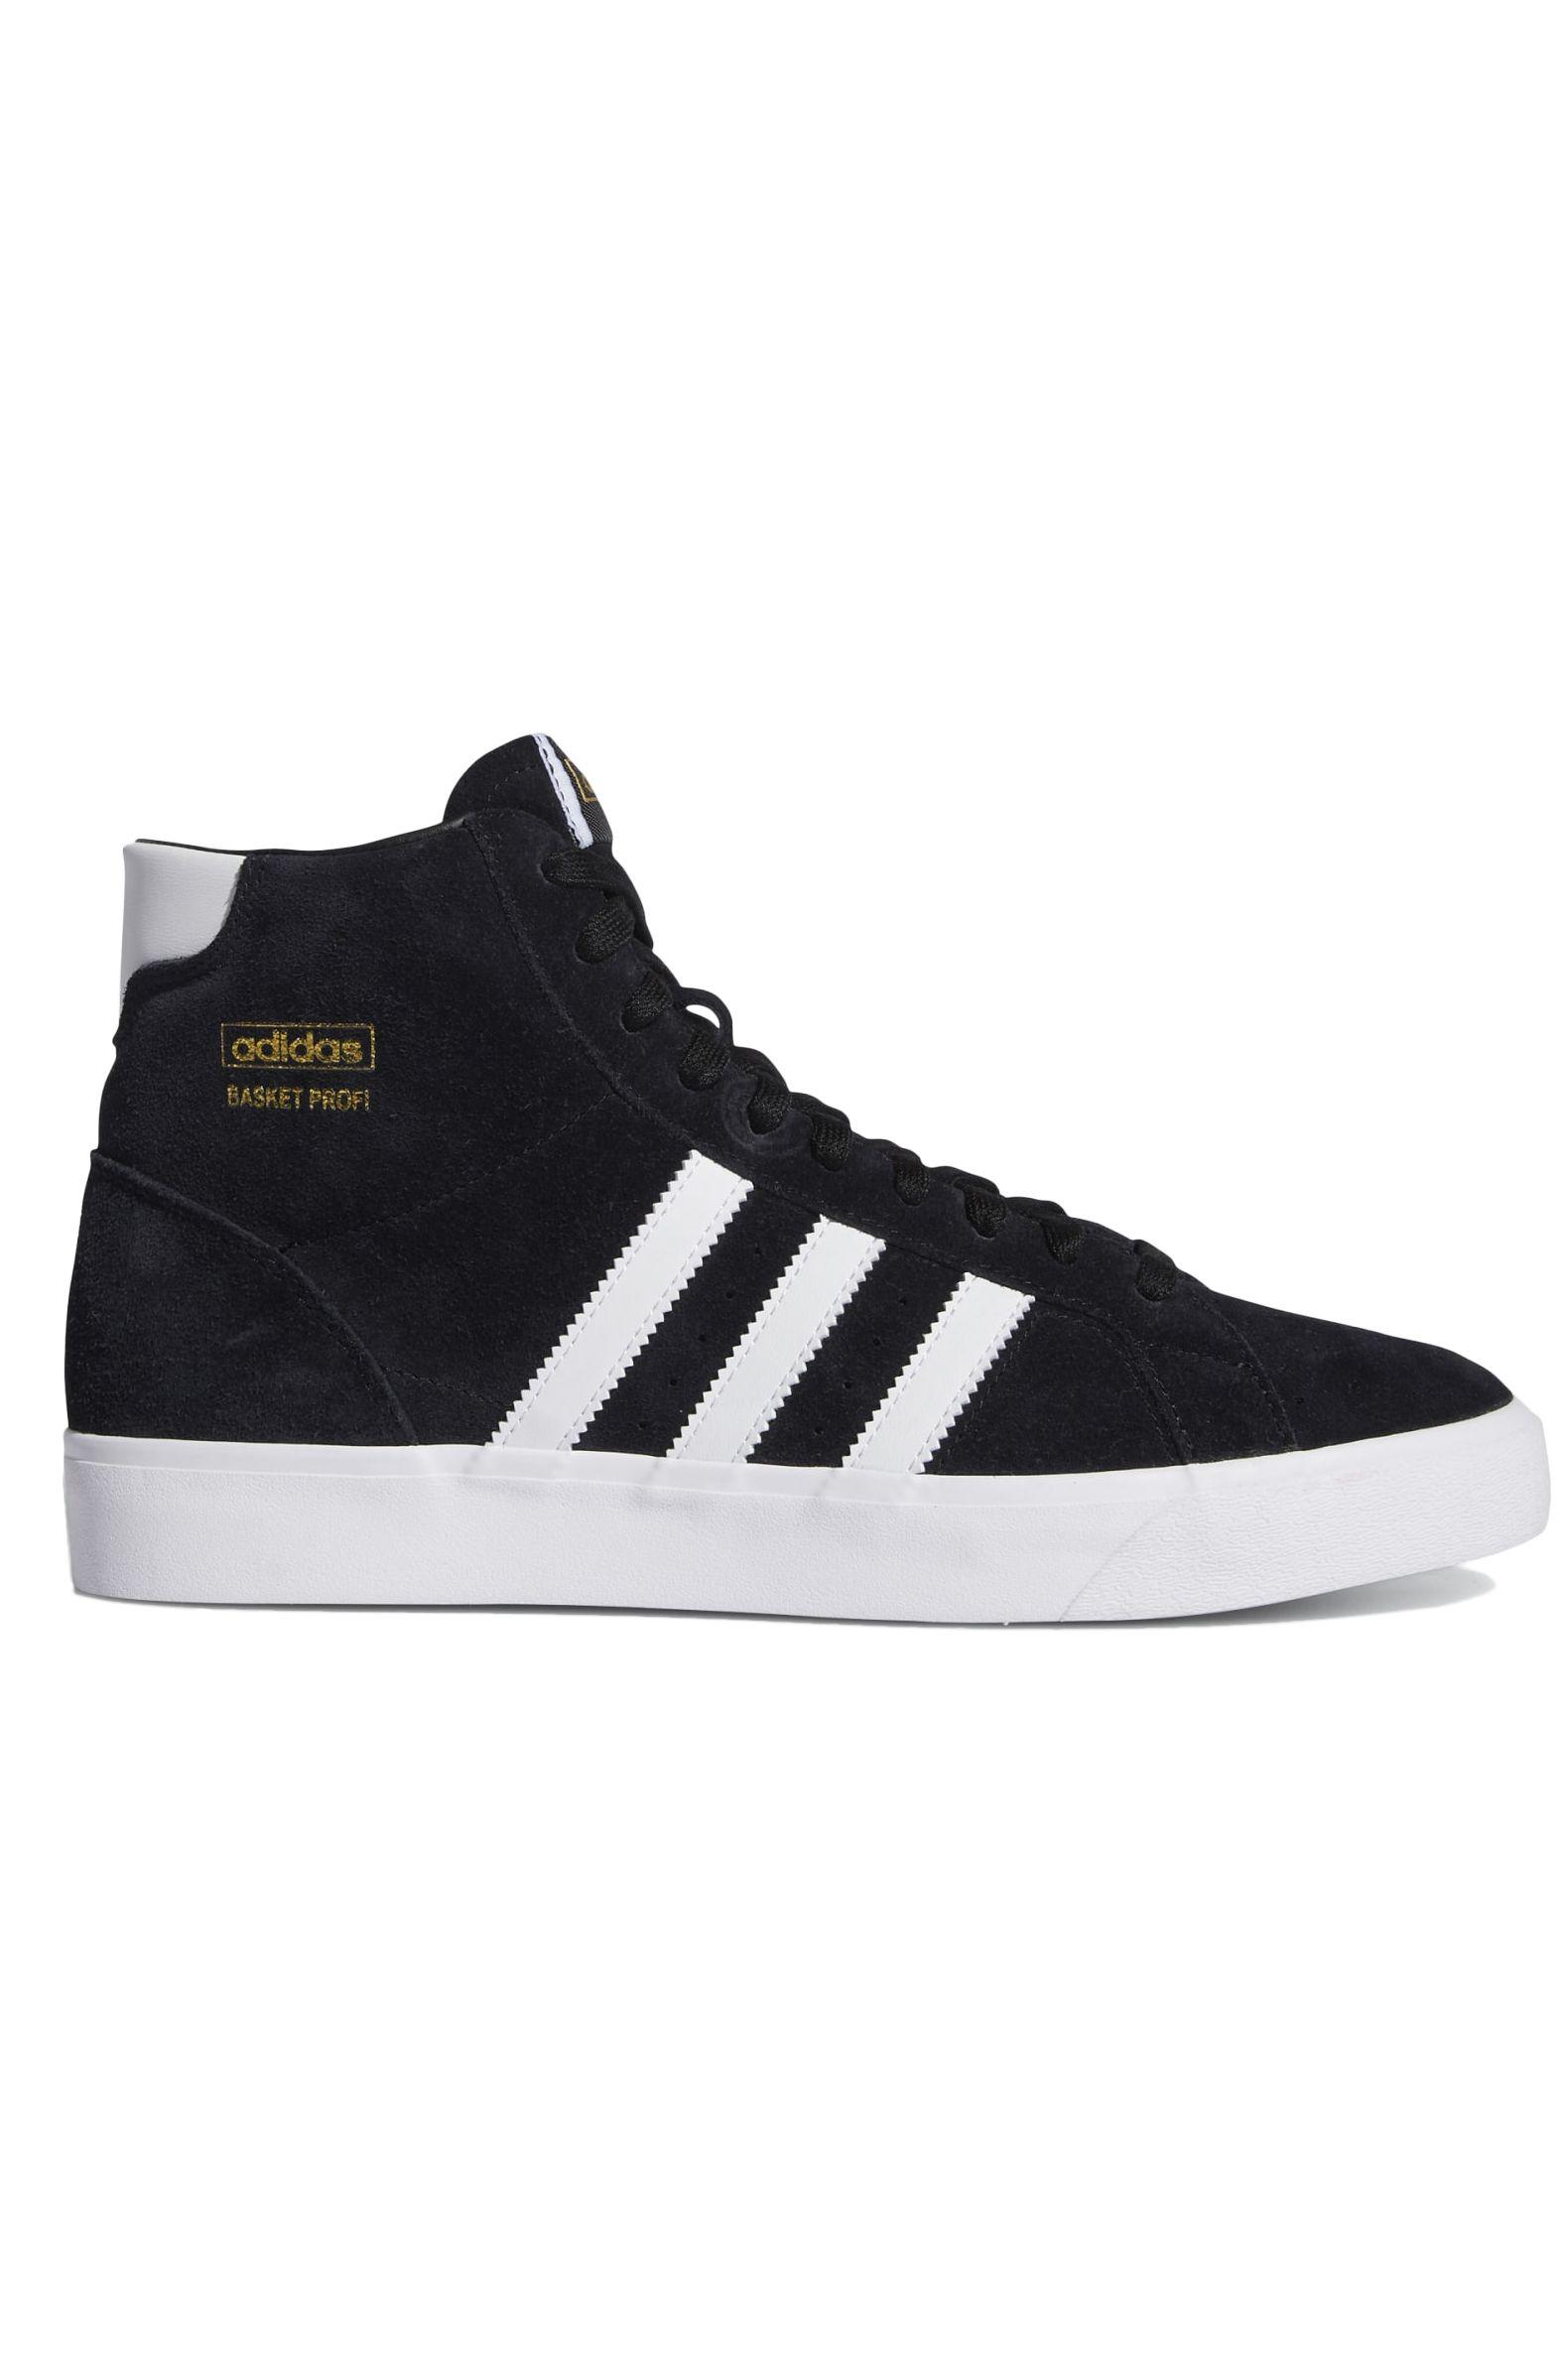 Adidas Shoes BASKET PROFI Coreblack